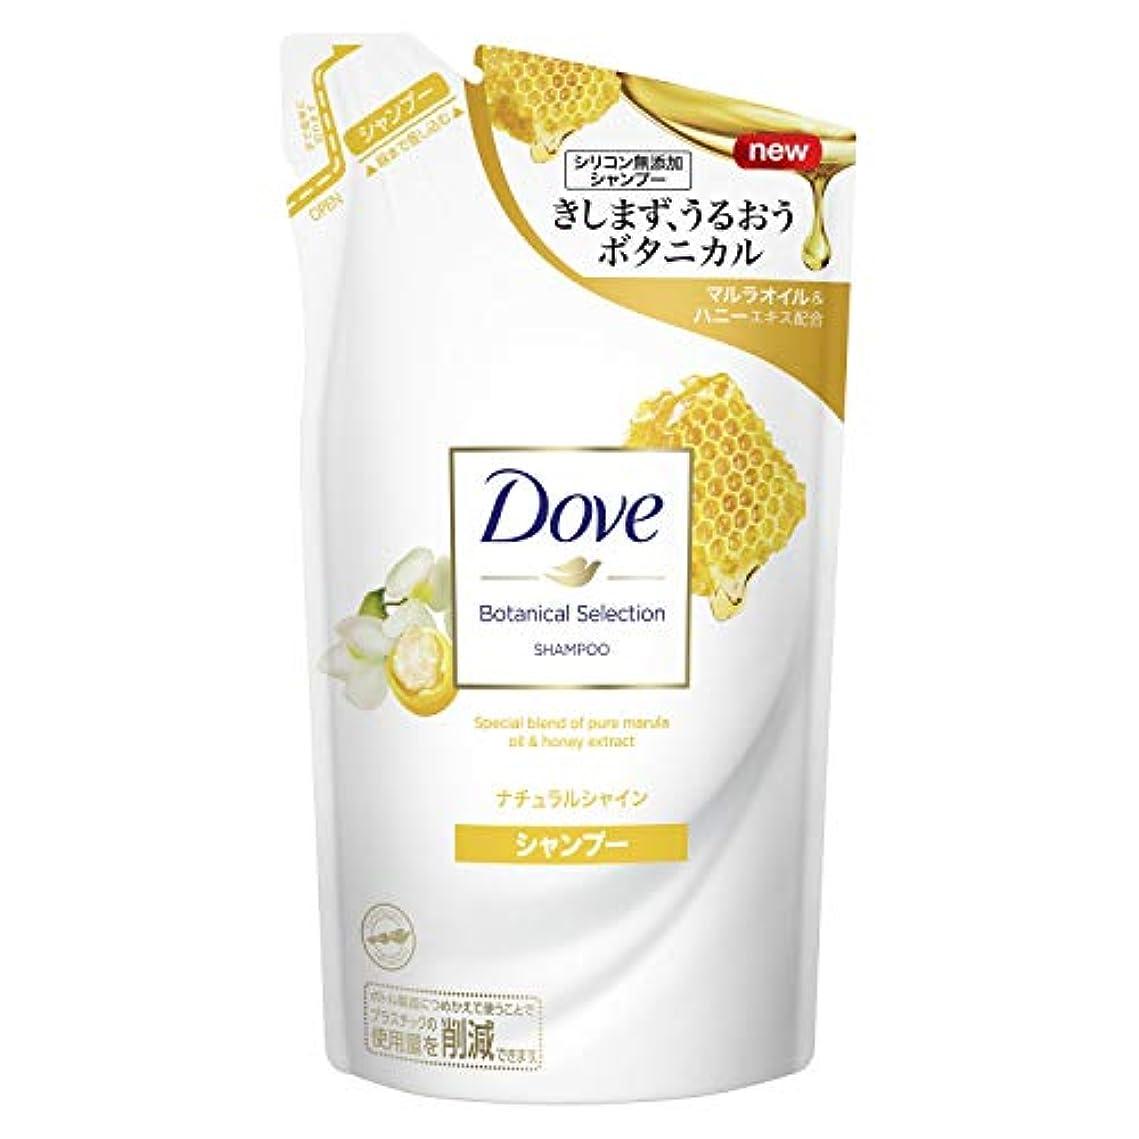 直感手つかずの返済Dove(ダヴ) ダヴ ボタニカルセレクション ナチュラルシャイン シャンプー つめかえ用 350g